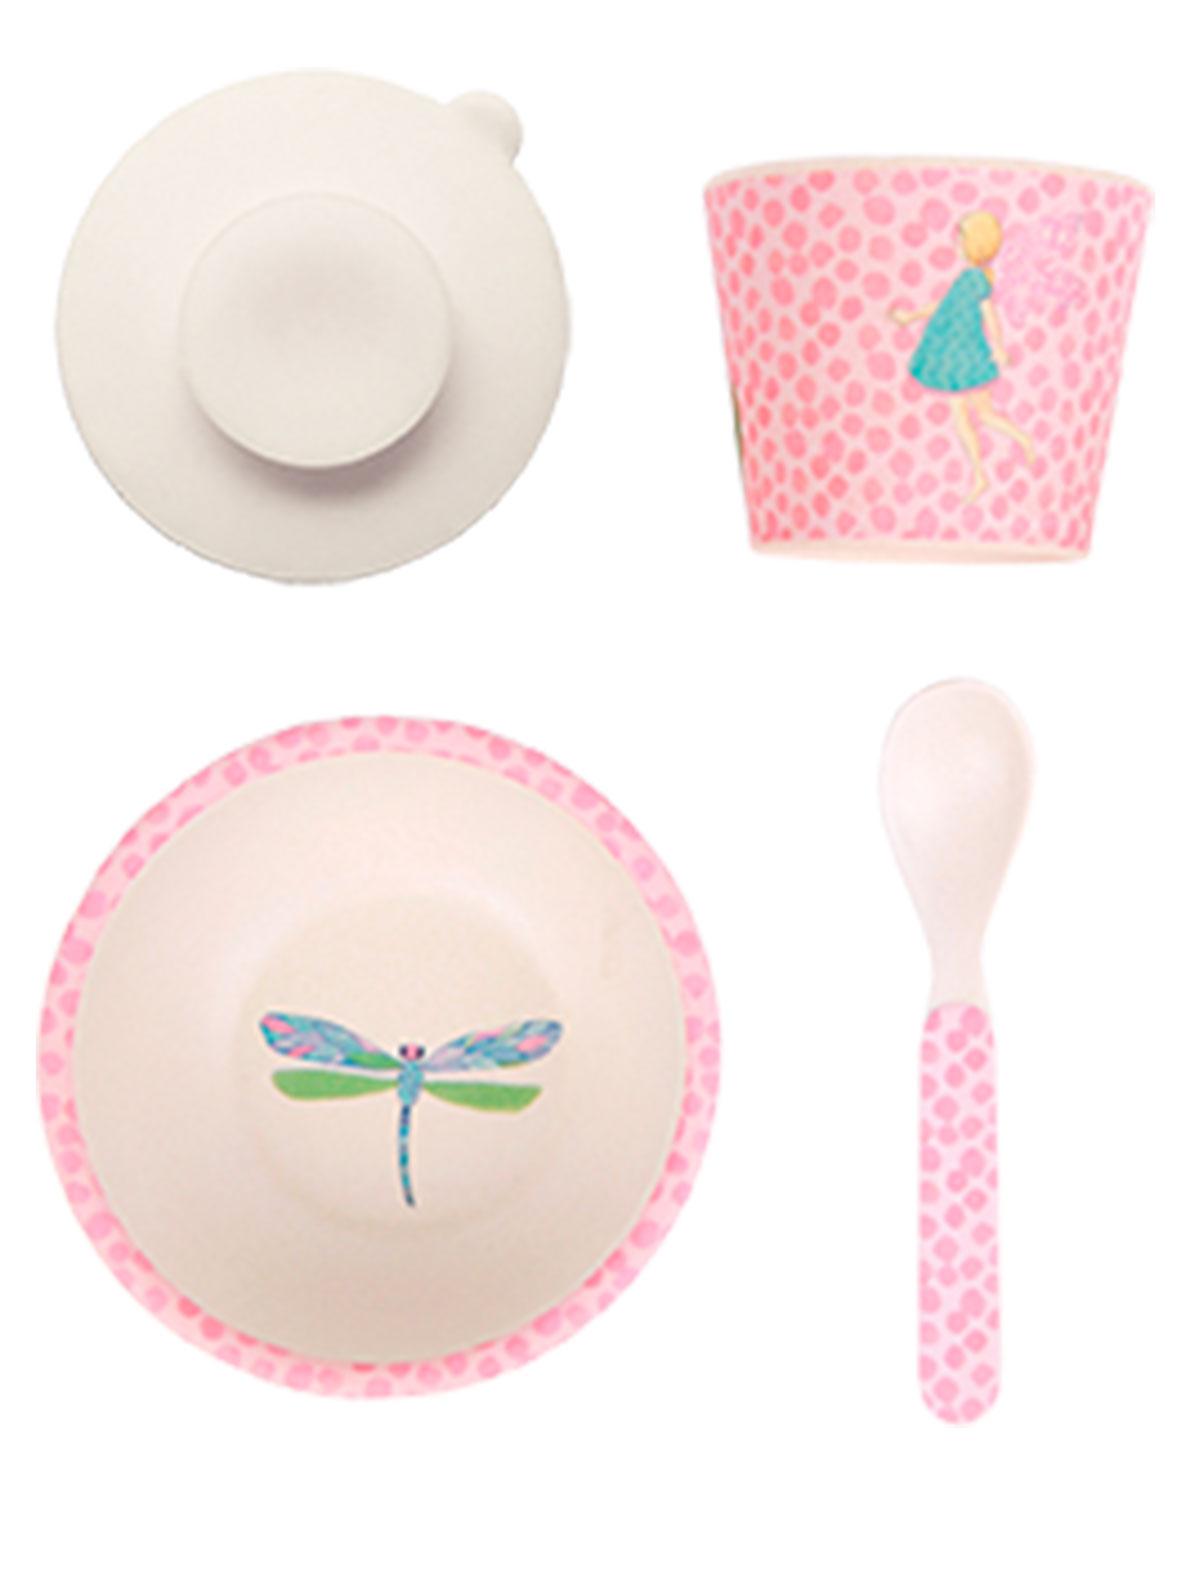 Купить 2264382, Набор посуды Love Mae, розовый, 2294520080217